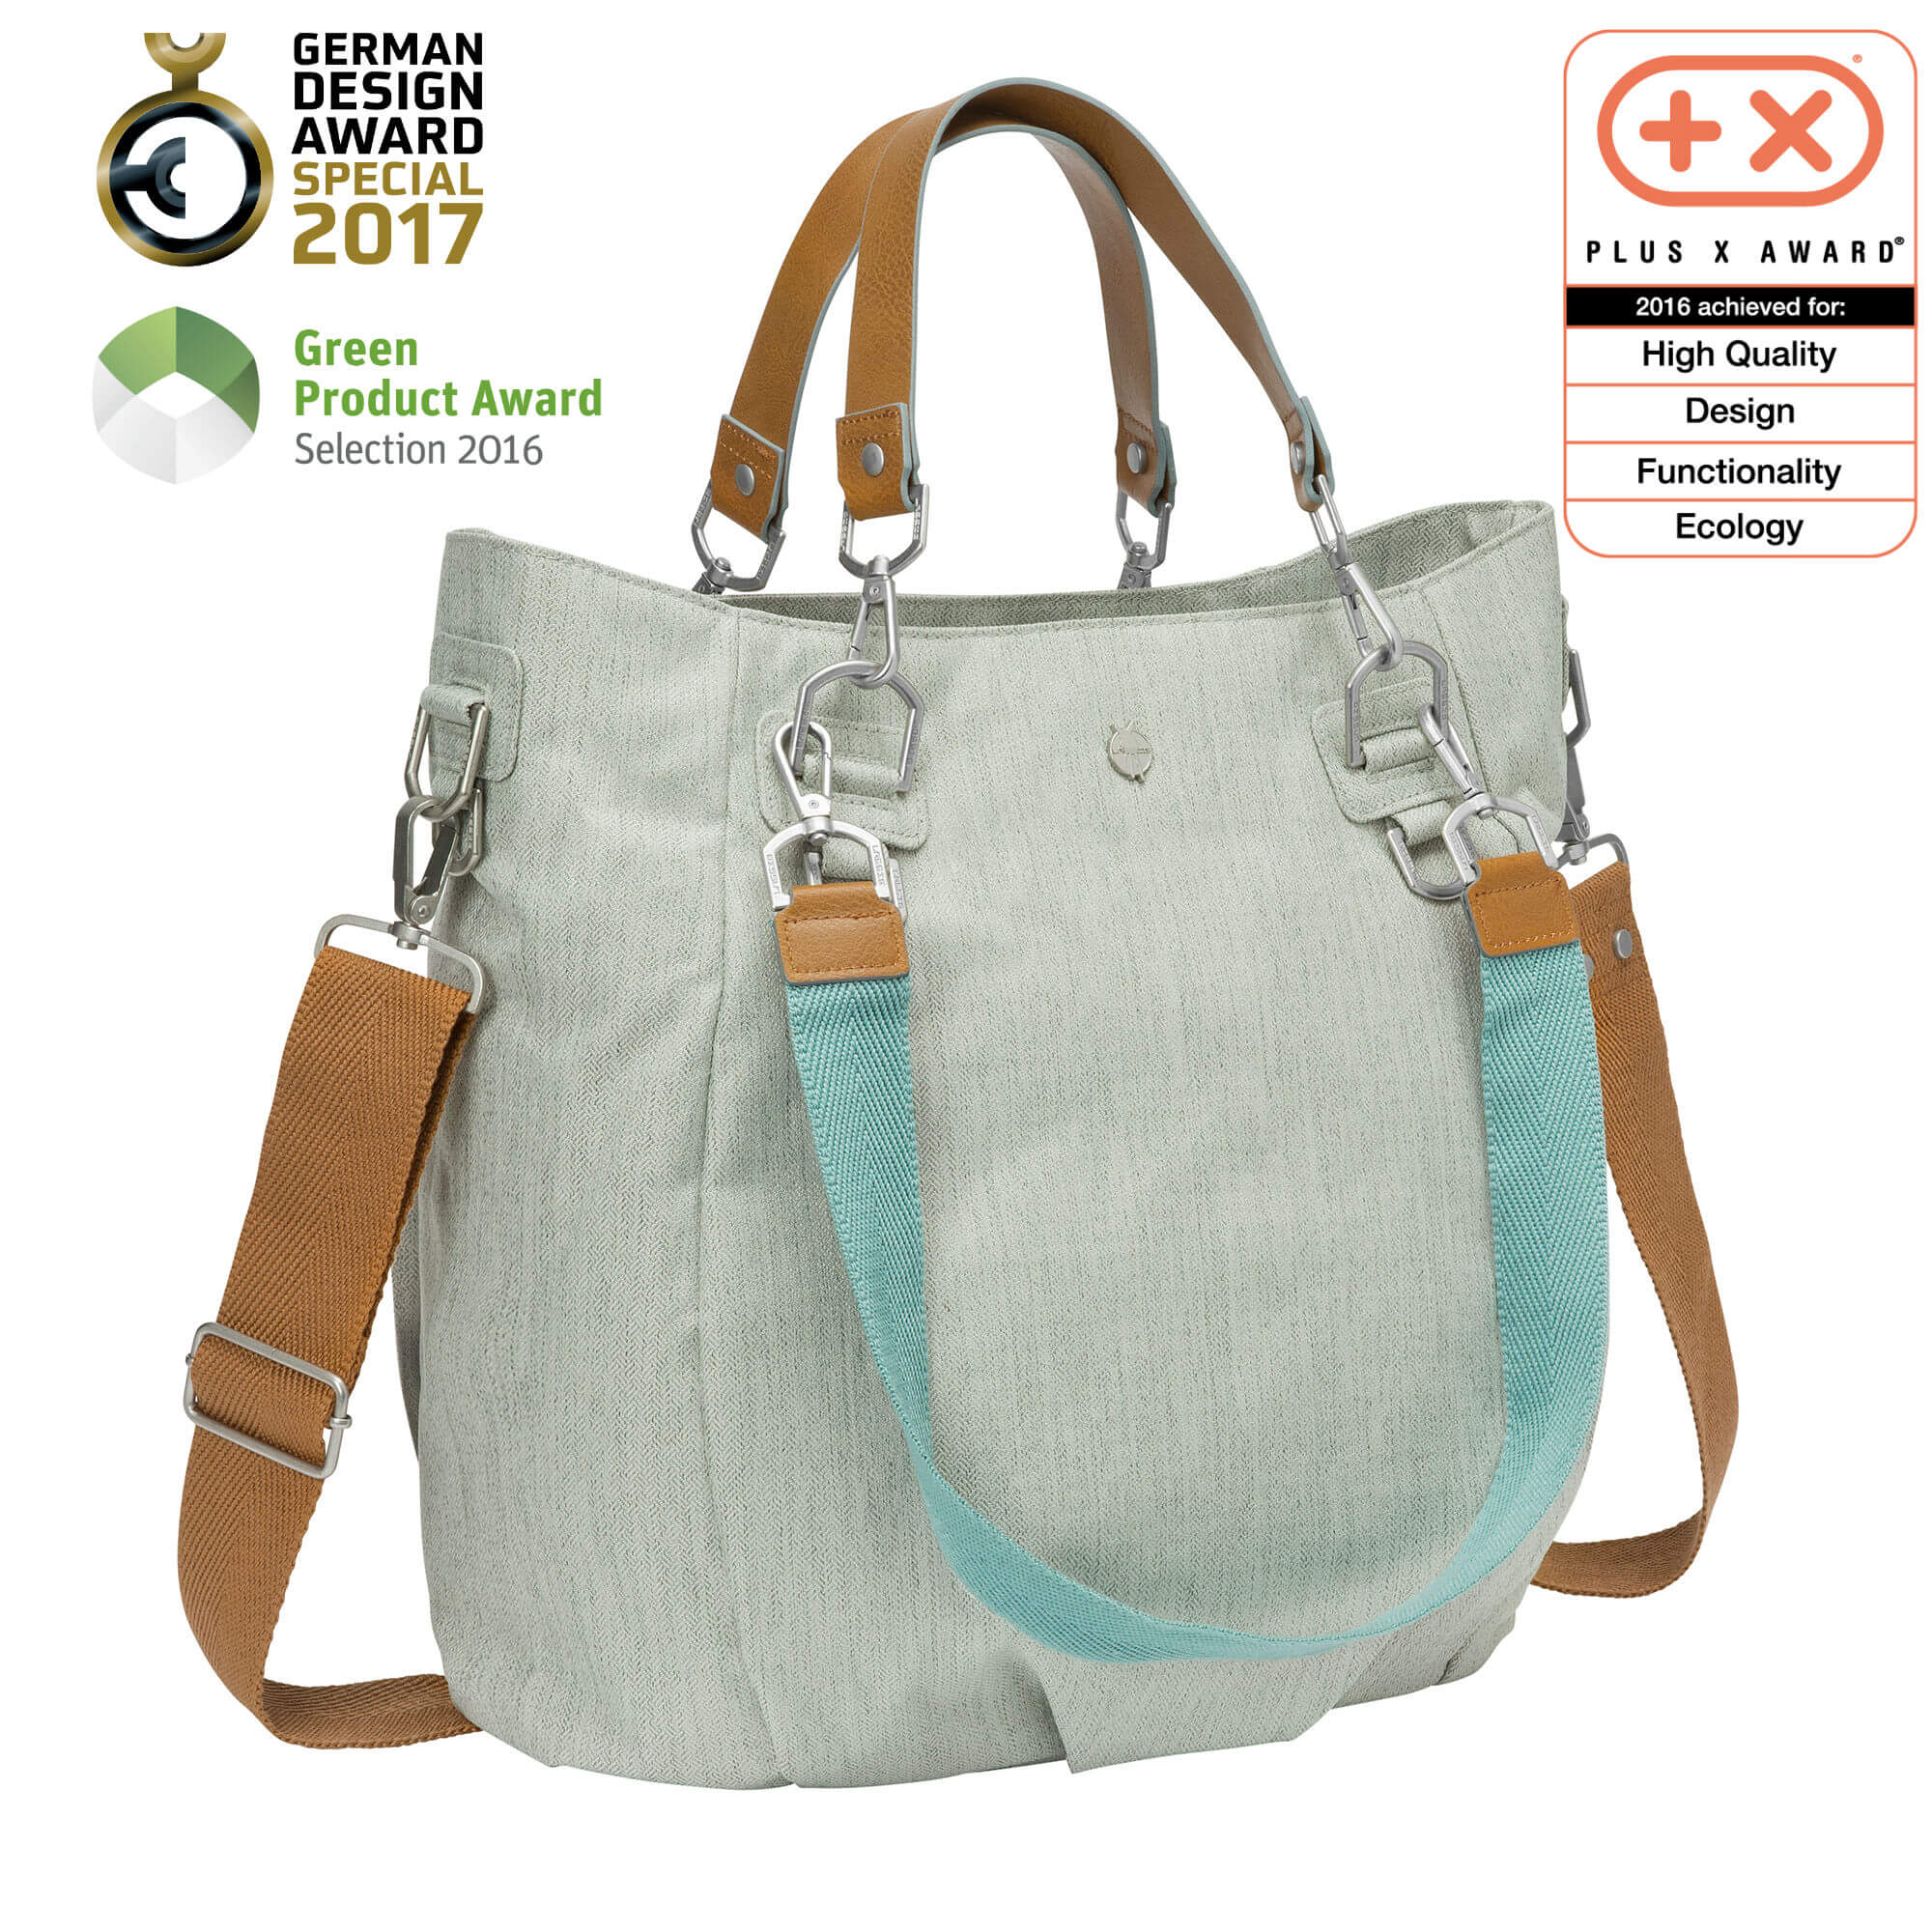 Wickeltasche mix n match bag light grey lÄssig fashion